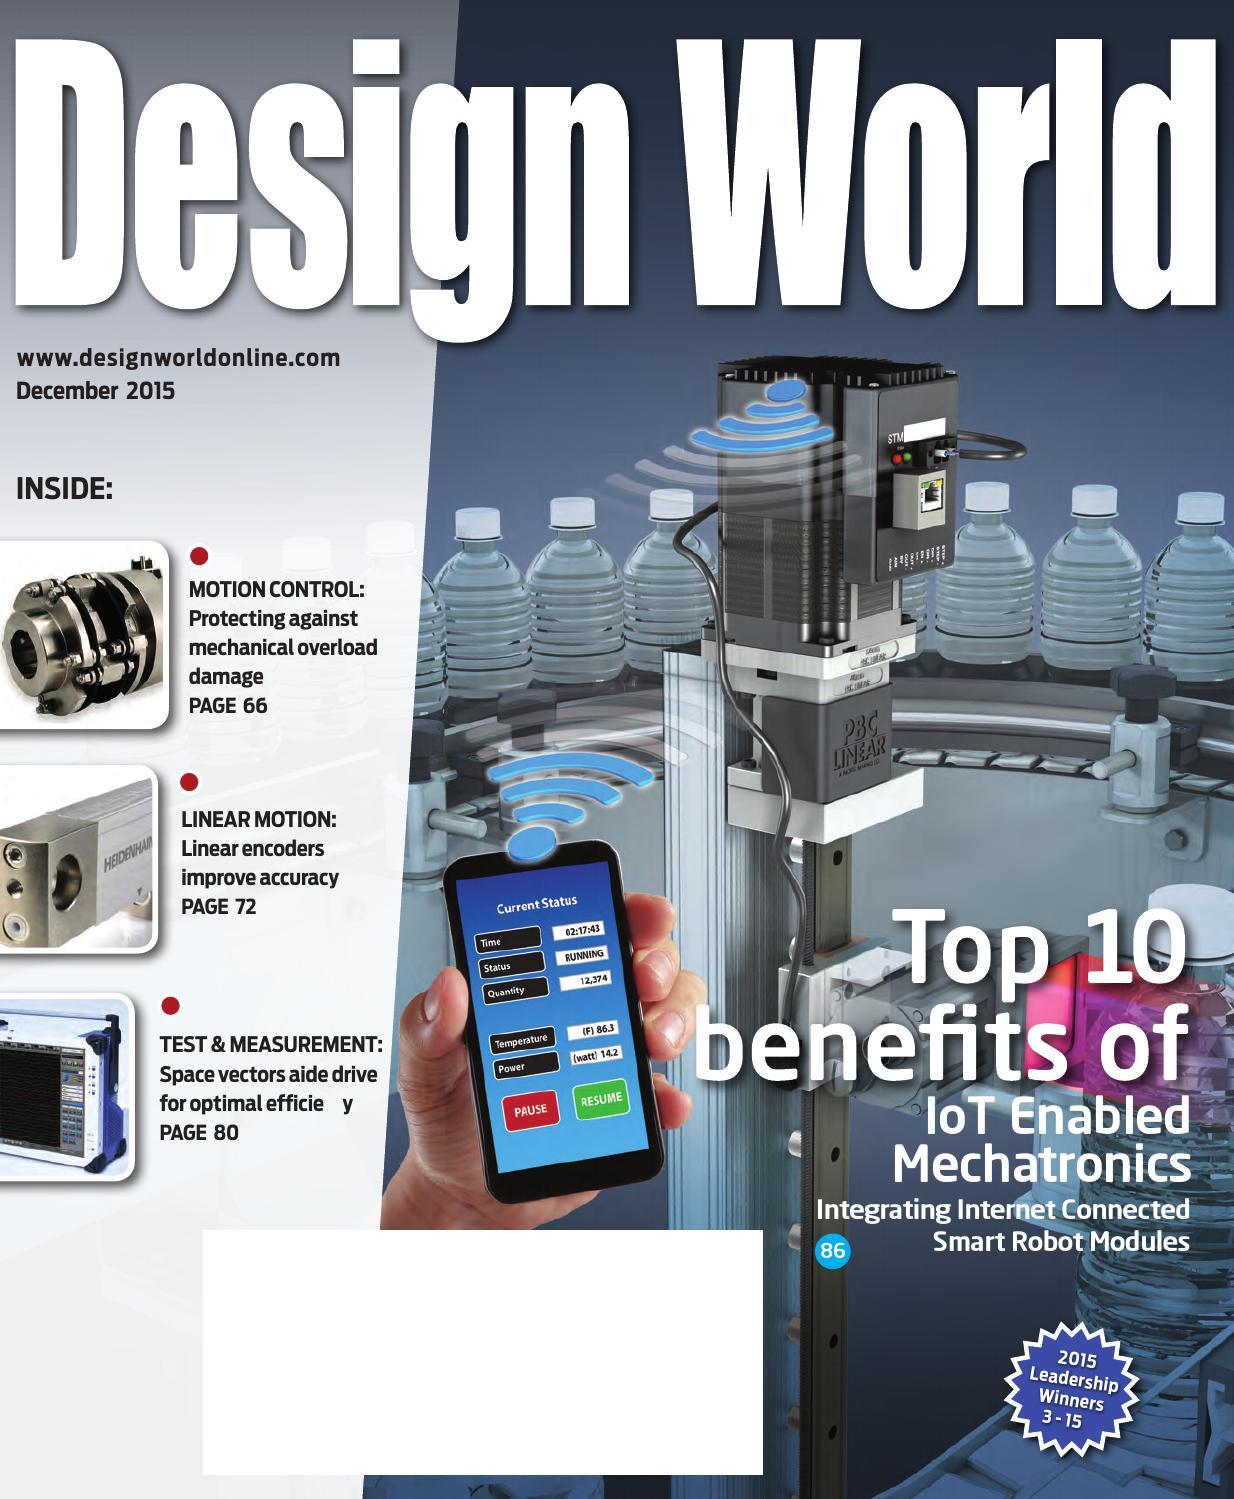 Design World December 2015 By Wtwh Media Llc Issuu Meters Meter Mate Electrical Prepaid House Flow Diagram